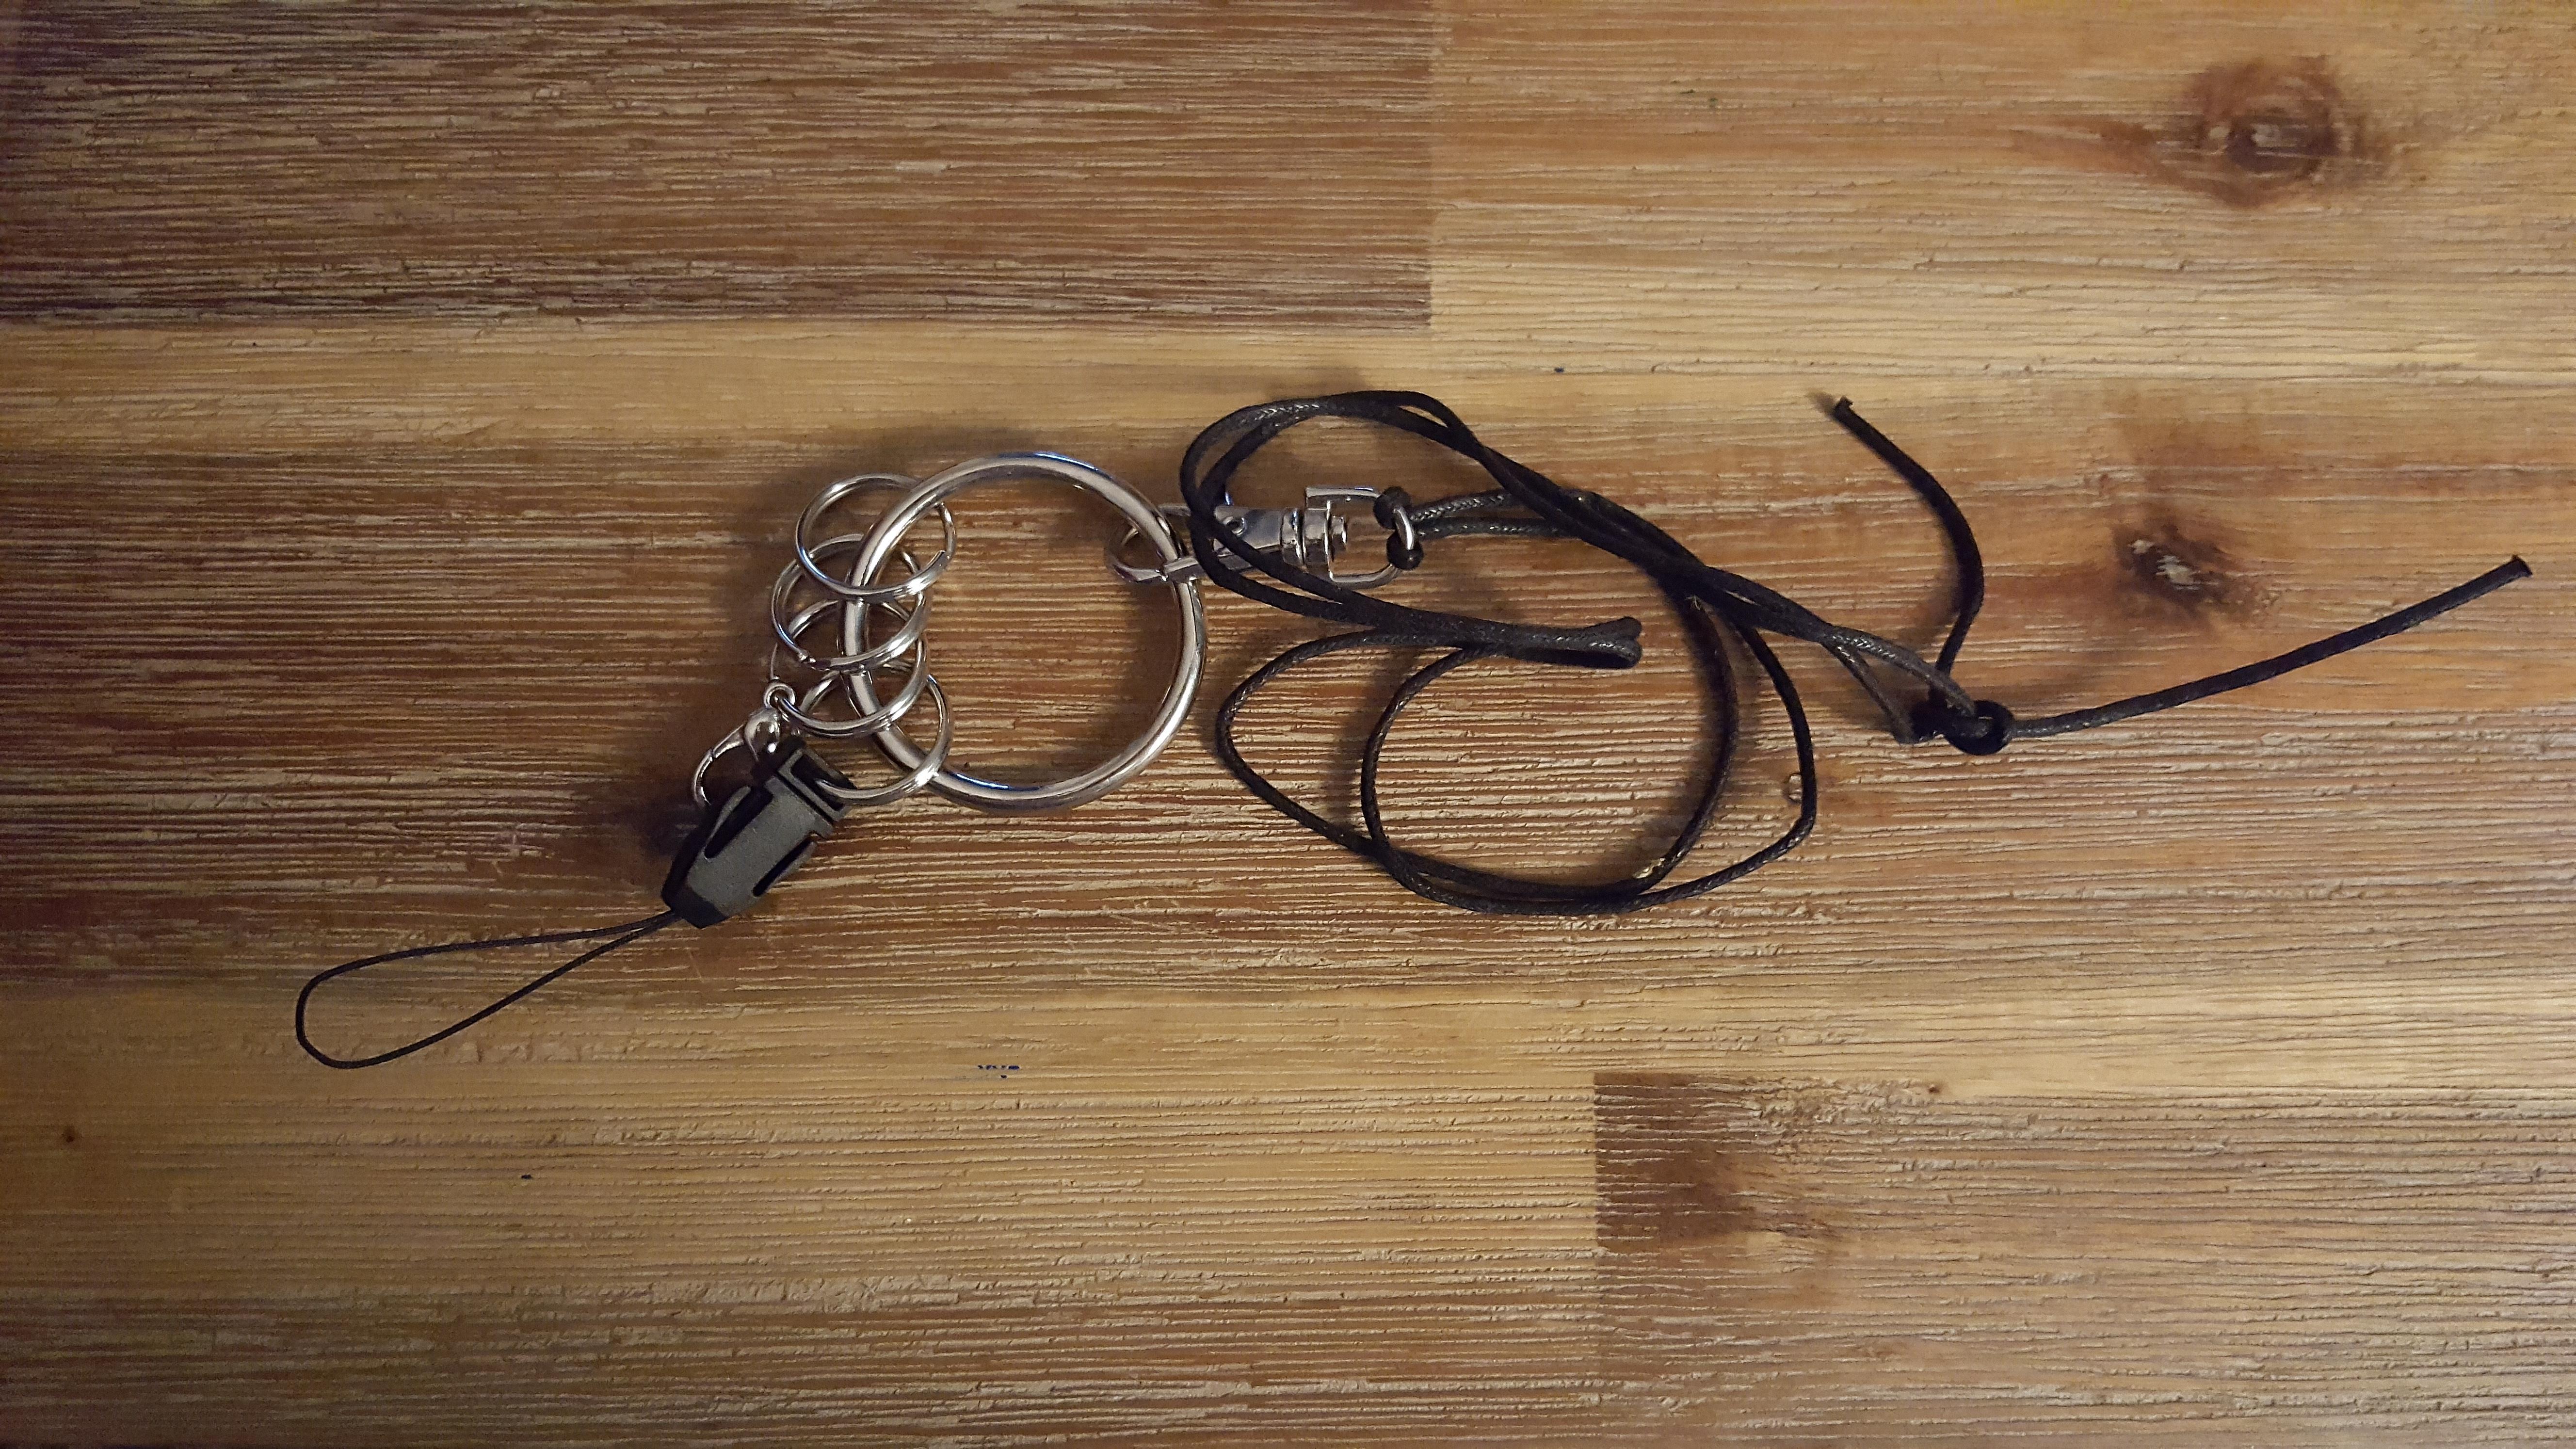 troc de troc collier porte-clés image 0